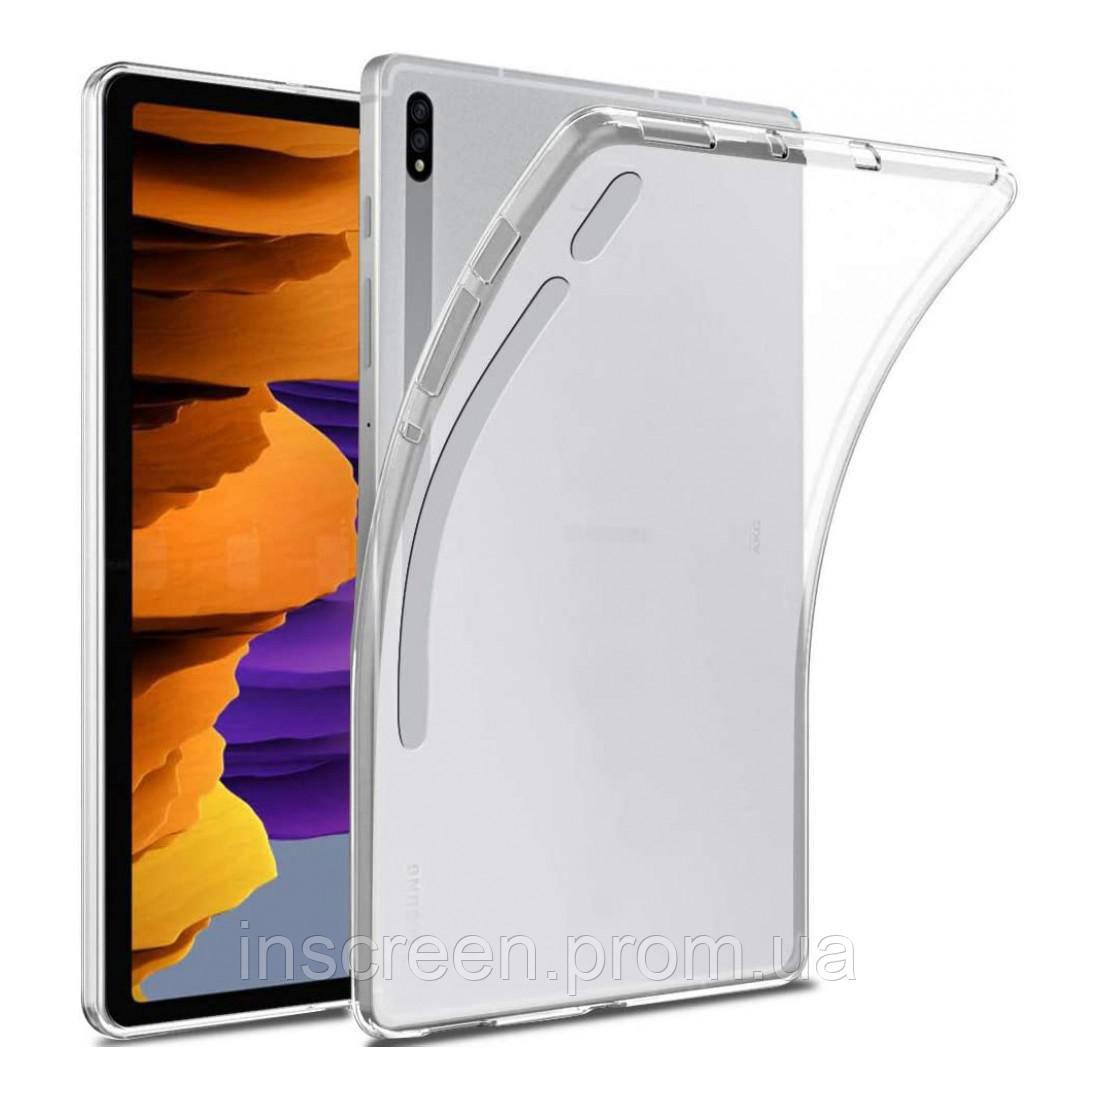 Чохол силіконовий Samsung T975 Tab S7 Plus 12,4 прозорий